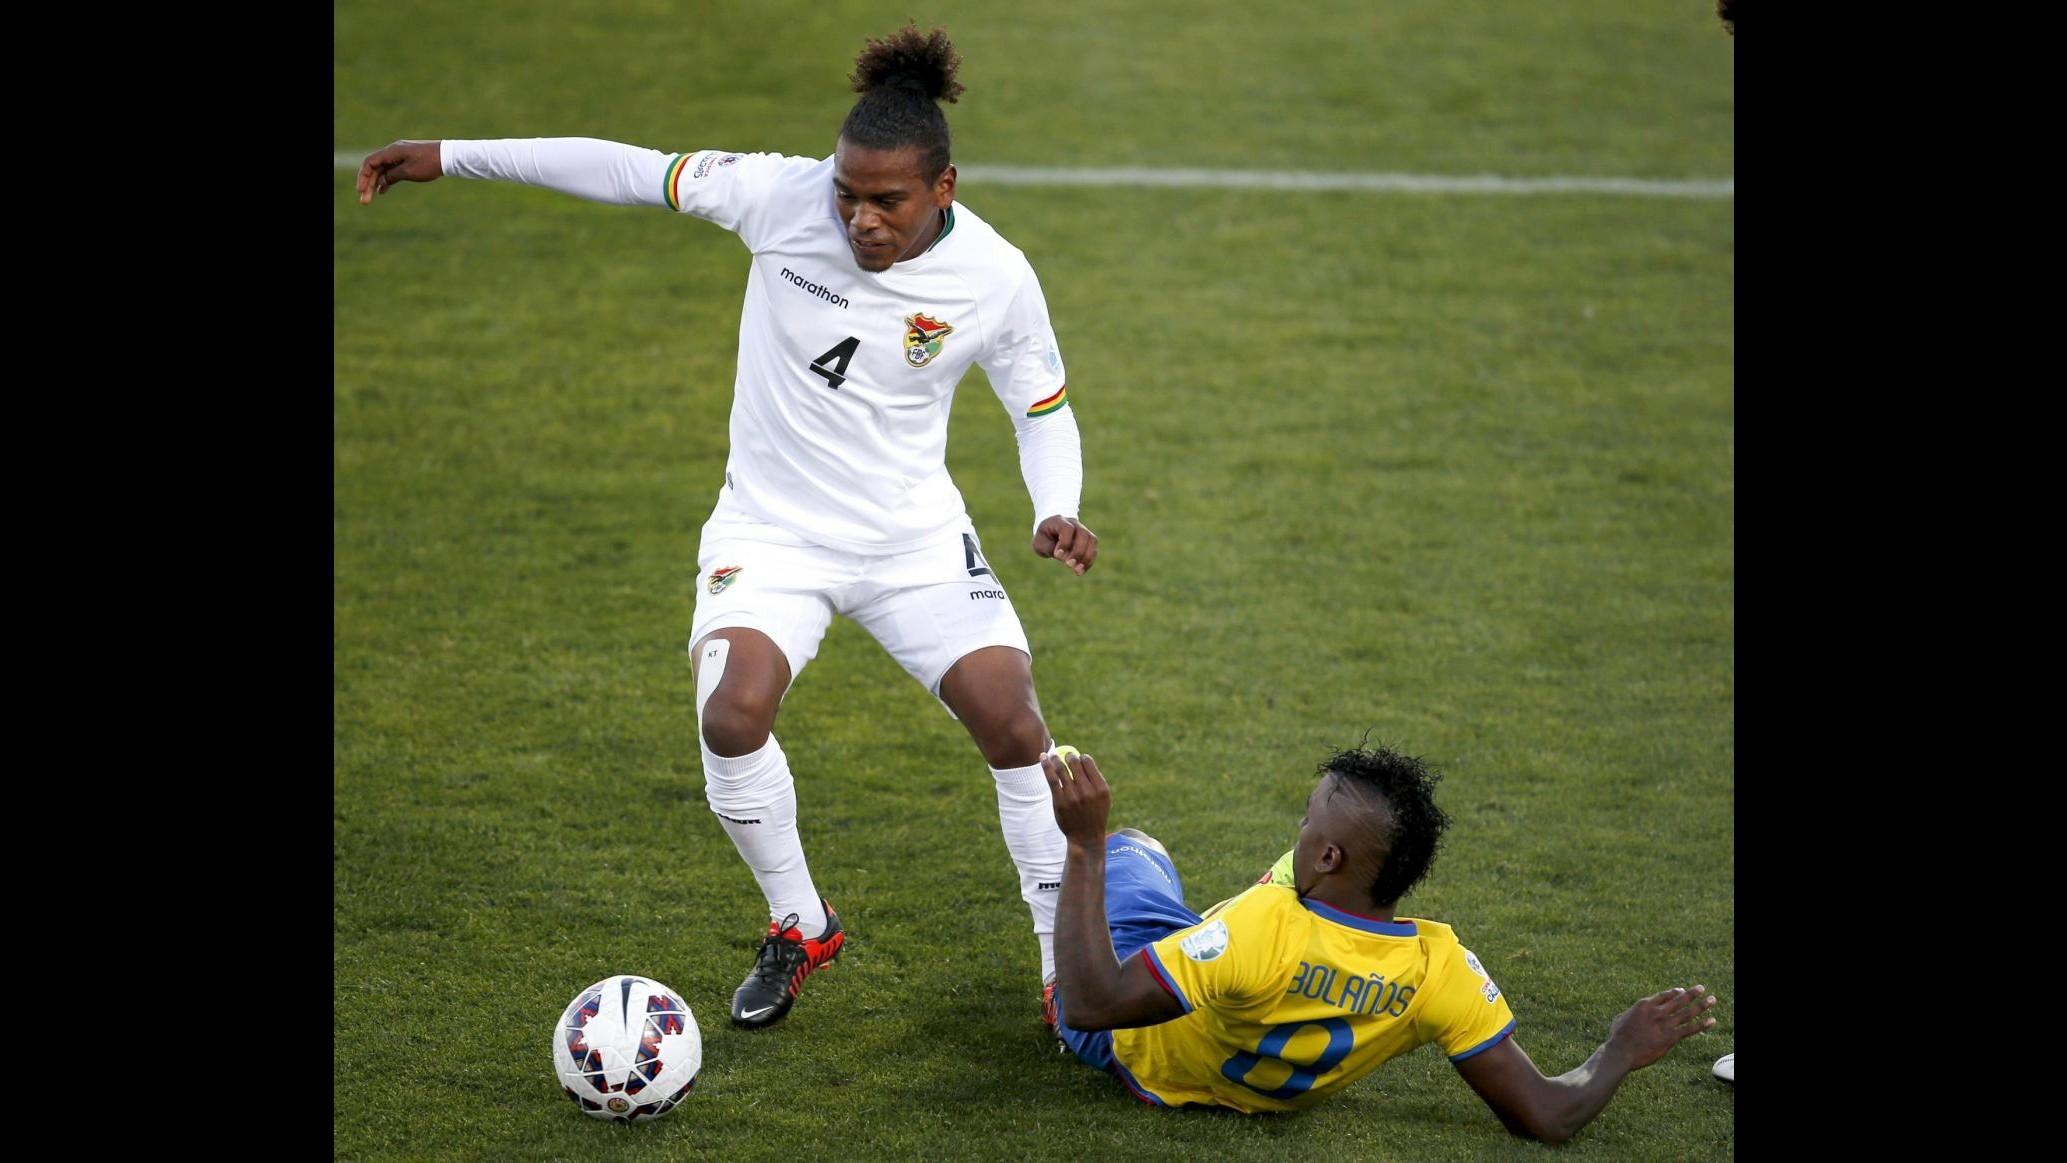 Coppa America: La Bolivia batte l' Ecuador 3-2 e vola in classifica